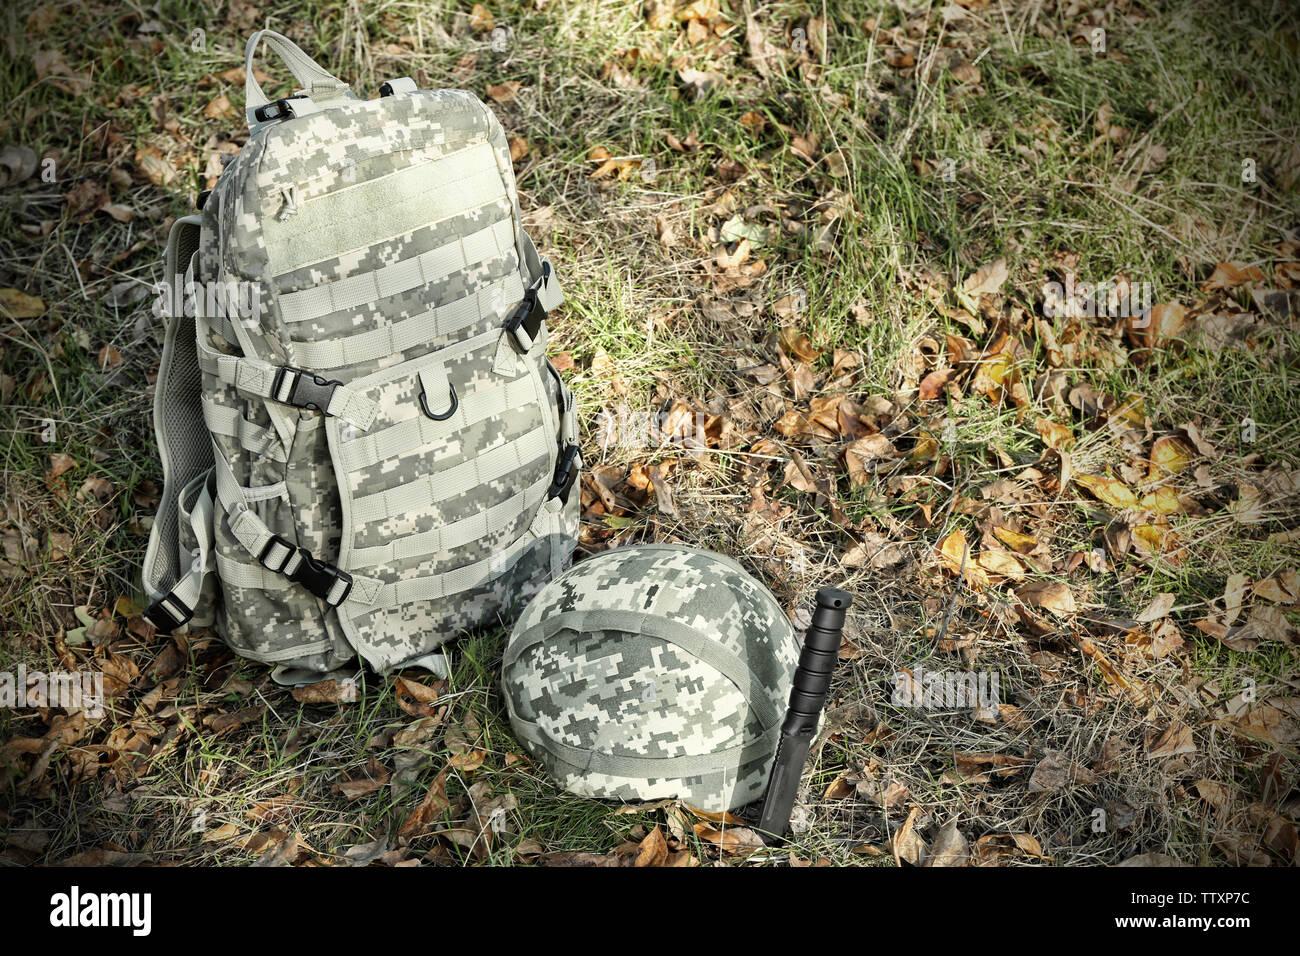 Military set on camouflage background - Stock Image